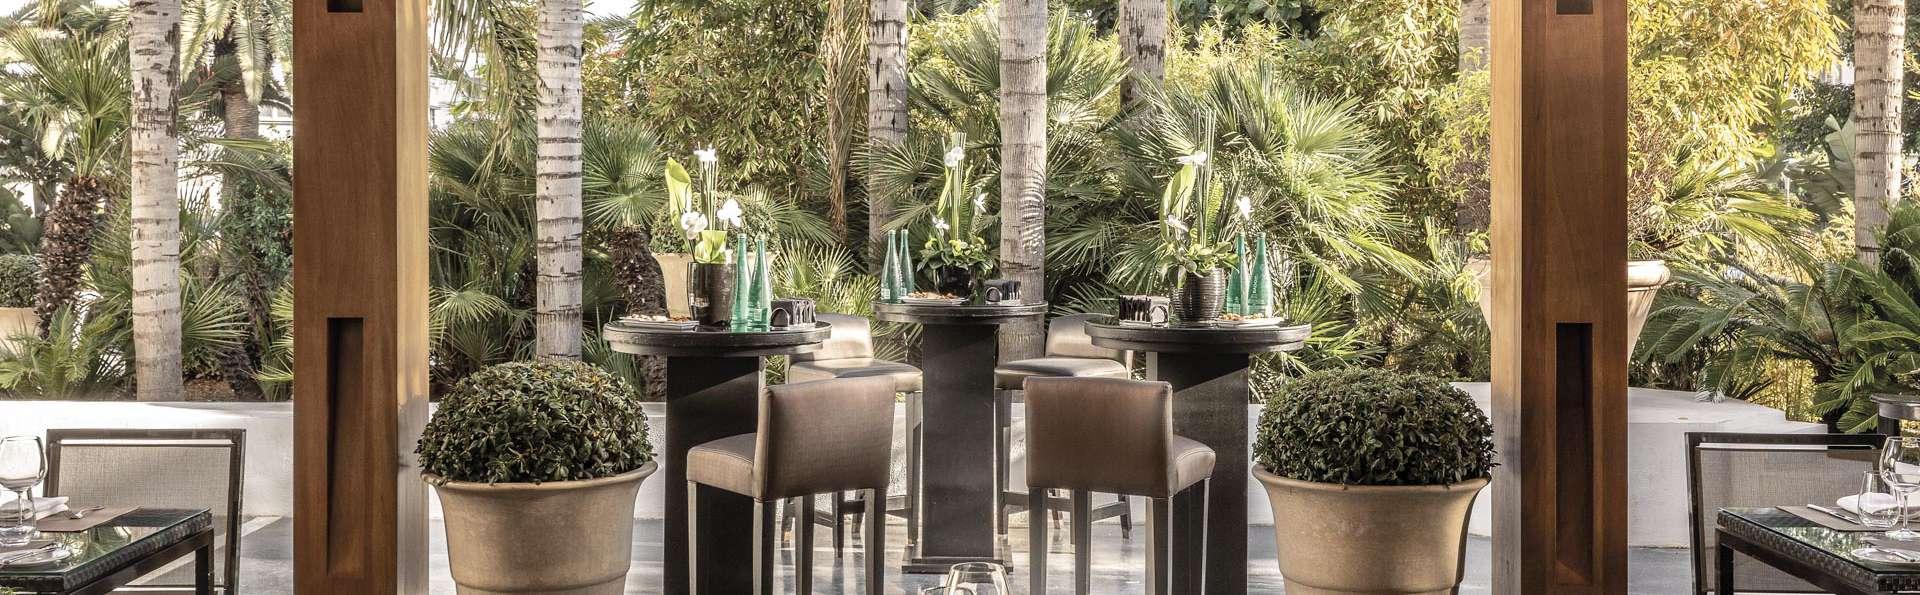 Hyatt Regency Casablanca - EDIT_RESTAURANT_01.jpg